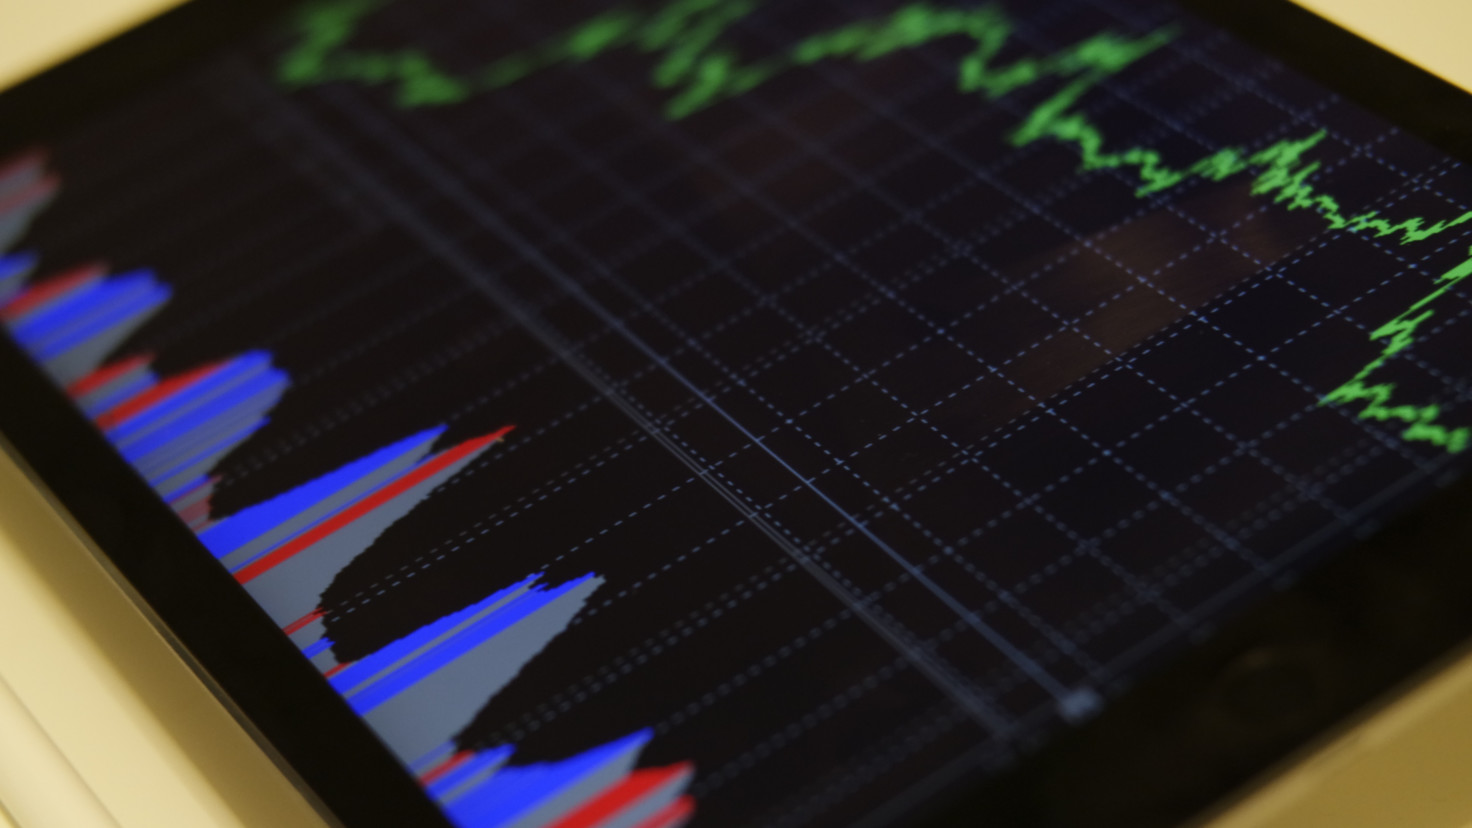 Шорт и лонг на бирже простыми словами